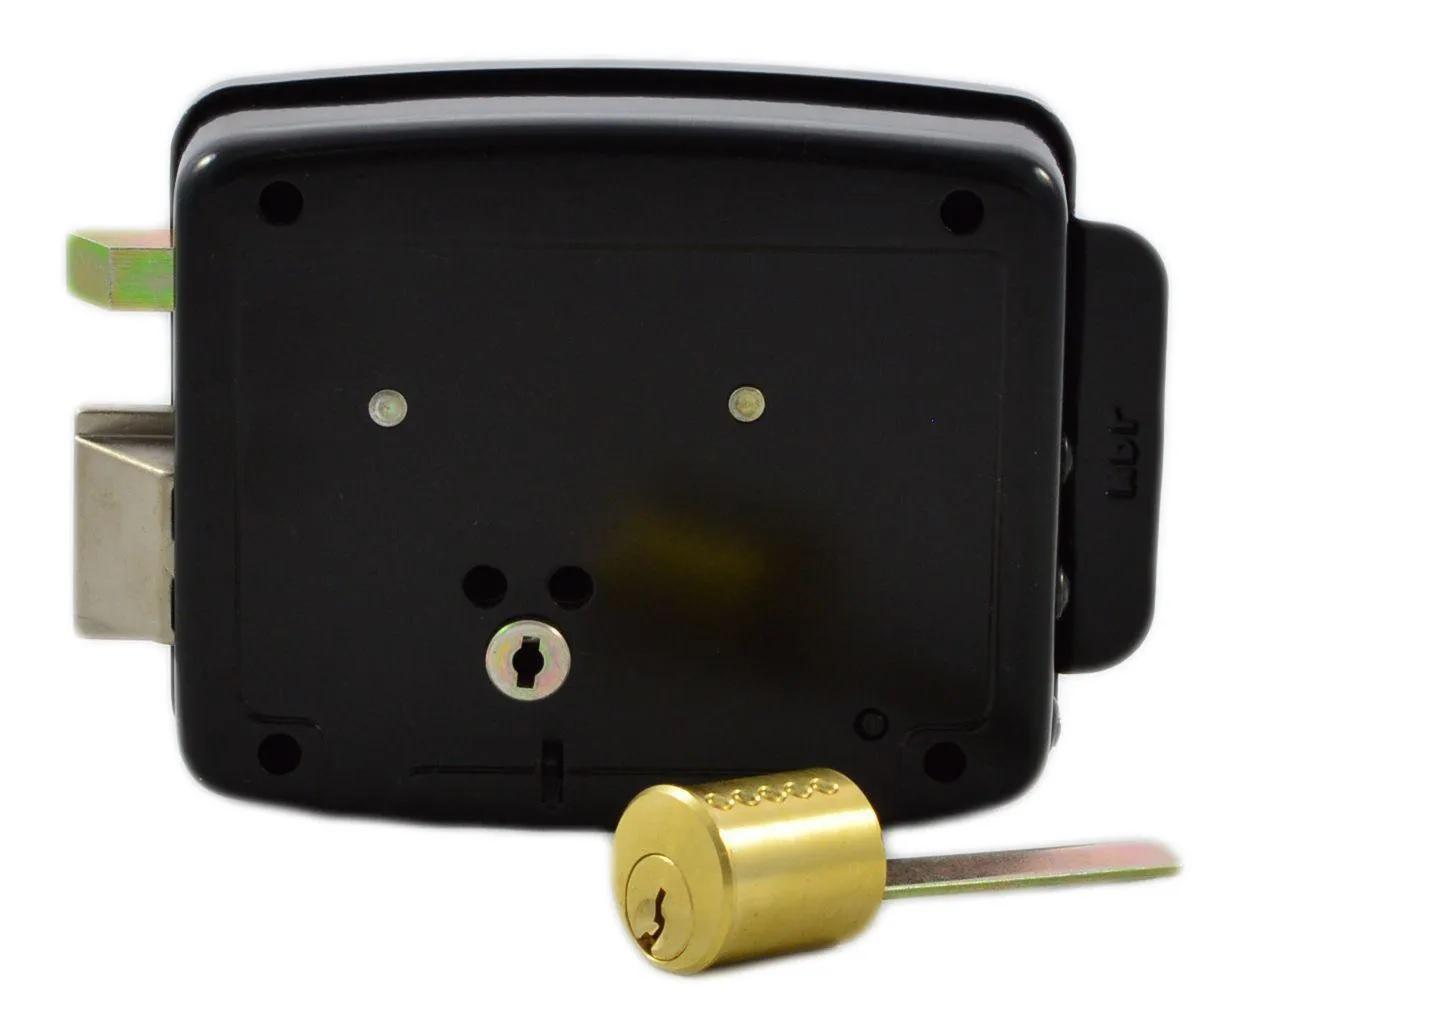 Fechadura HDL Elétrica C90 Cilindro Ajustável Abertura p/ Fora e Controle de Acesso Preta